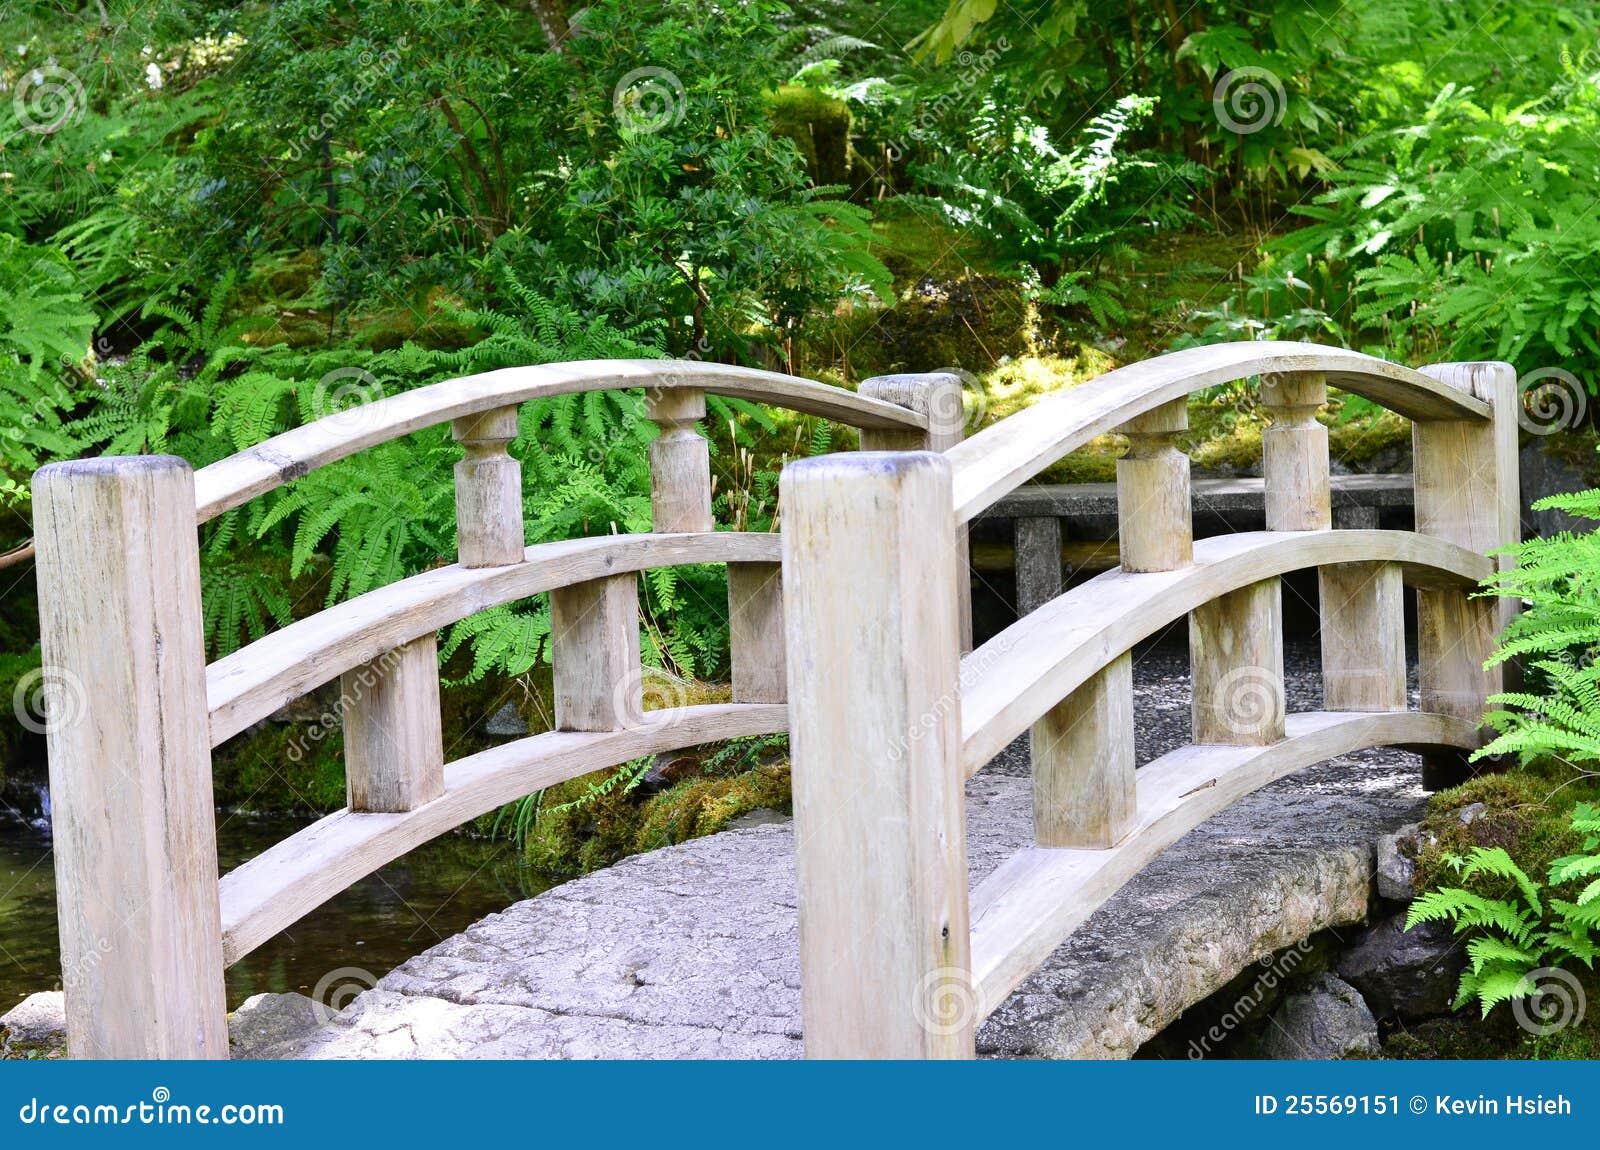 Japanese style bridge stock image image 25569151 for Japanese style bridge